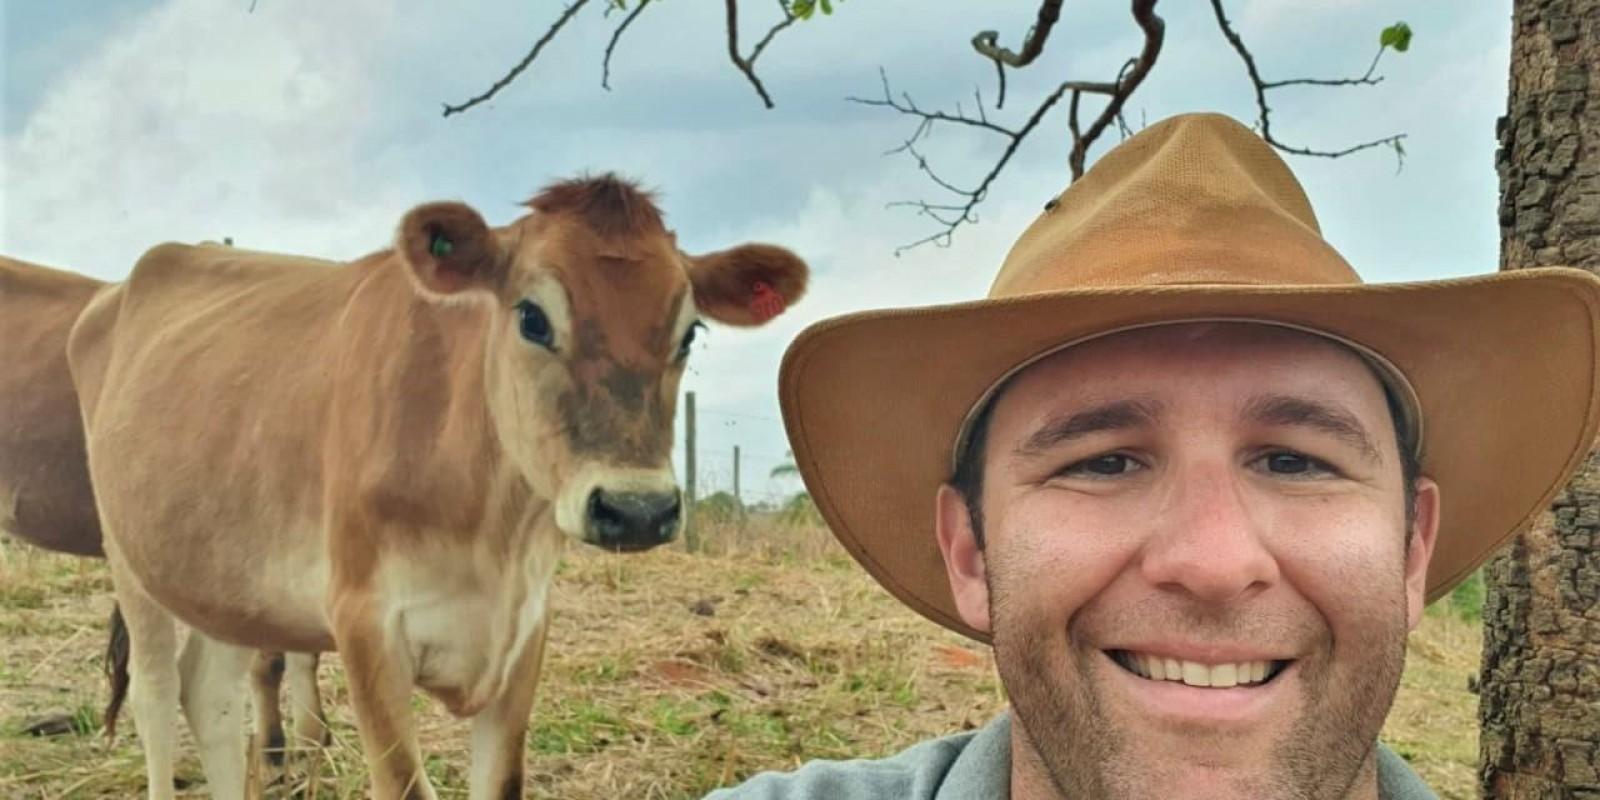 Melhor qualidade de vida faz agrônomo trocar cidade pelo campo para produzir leite orgânico